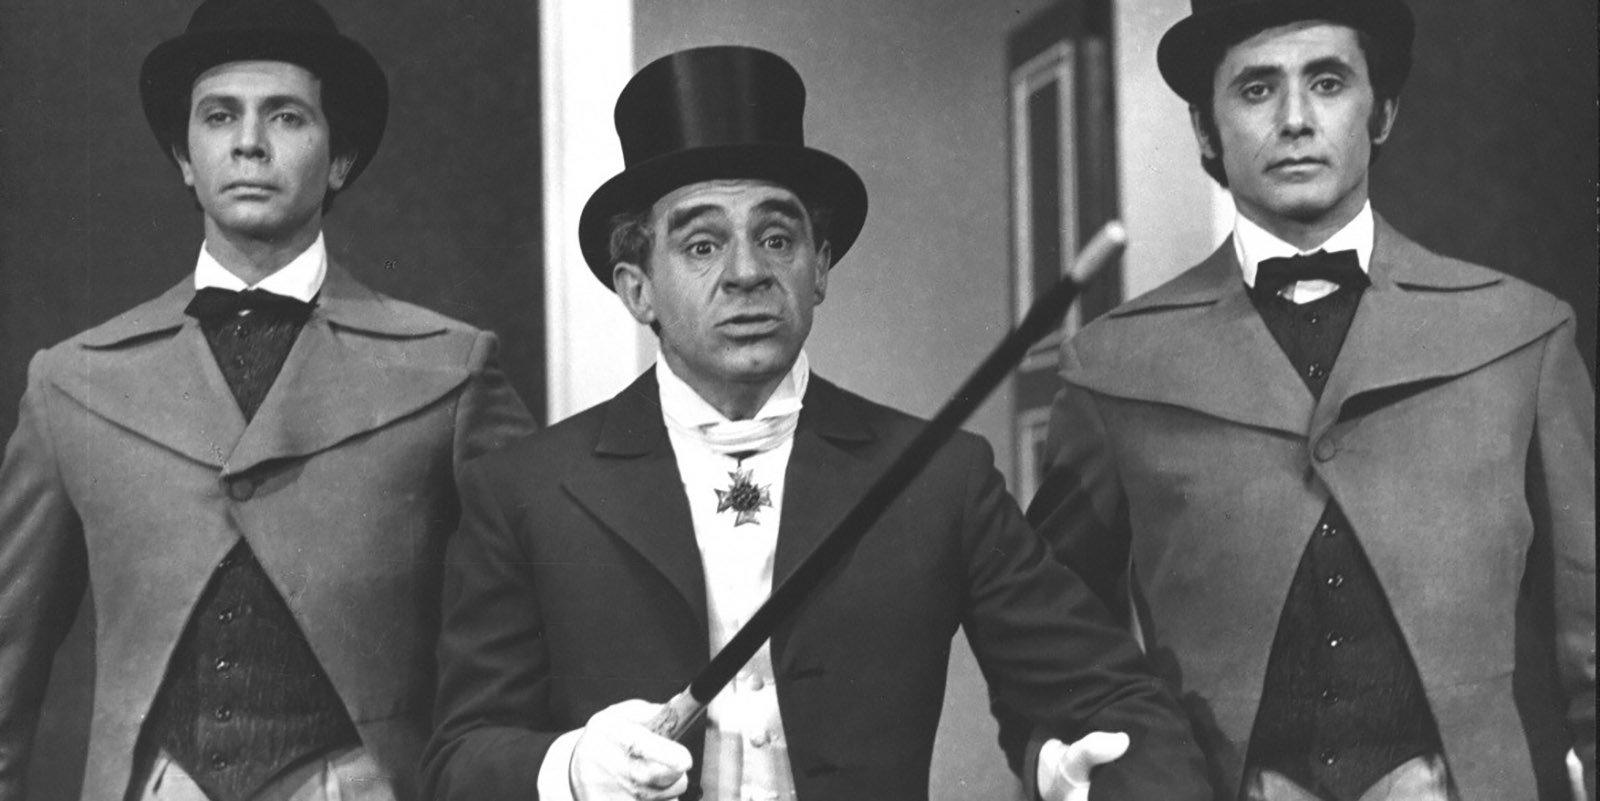 Кадр из фильма «Тень». Режиссер Надежда Кошеверова. 1971 год